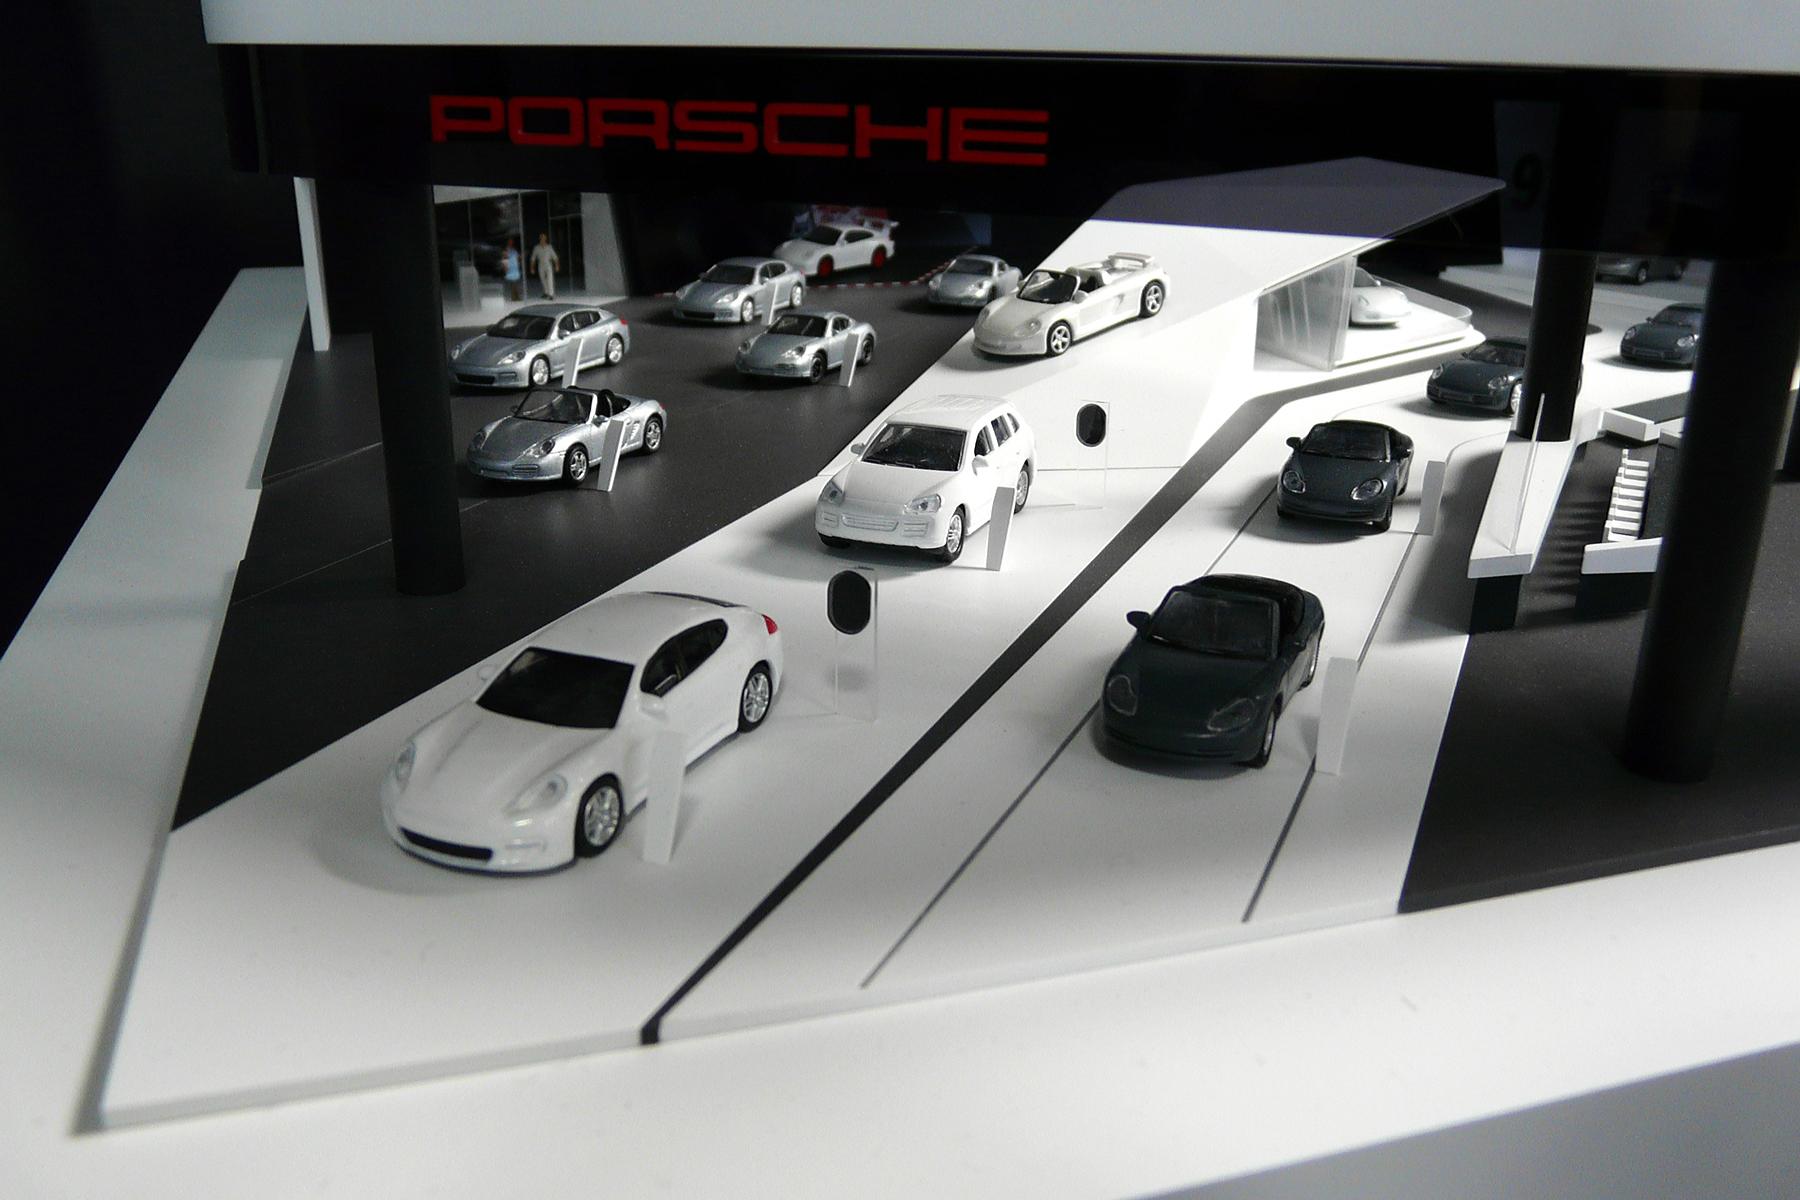 architekturmodell porsche messestand bei der internationalen automobil ausstellung 2015 b la. Black Bedroom Furniture Sets. Home Design Ideas